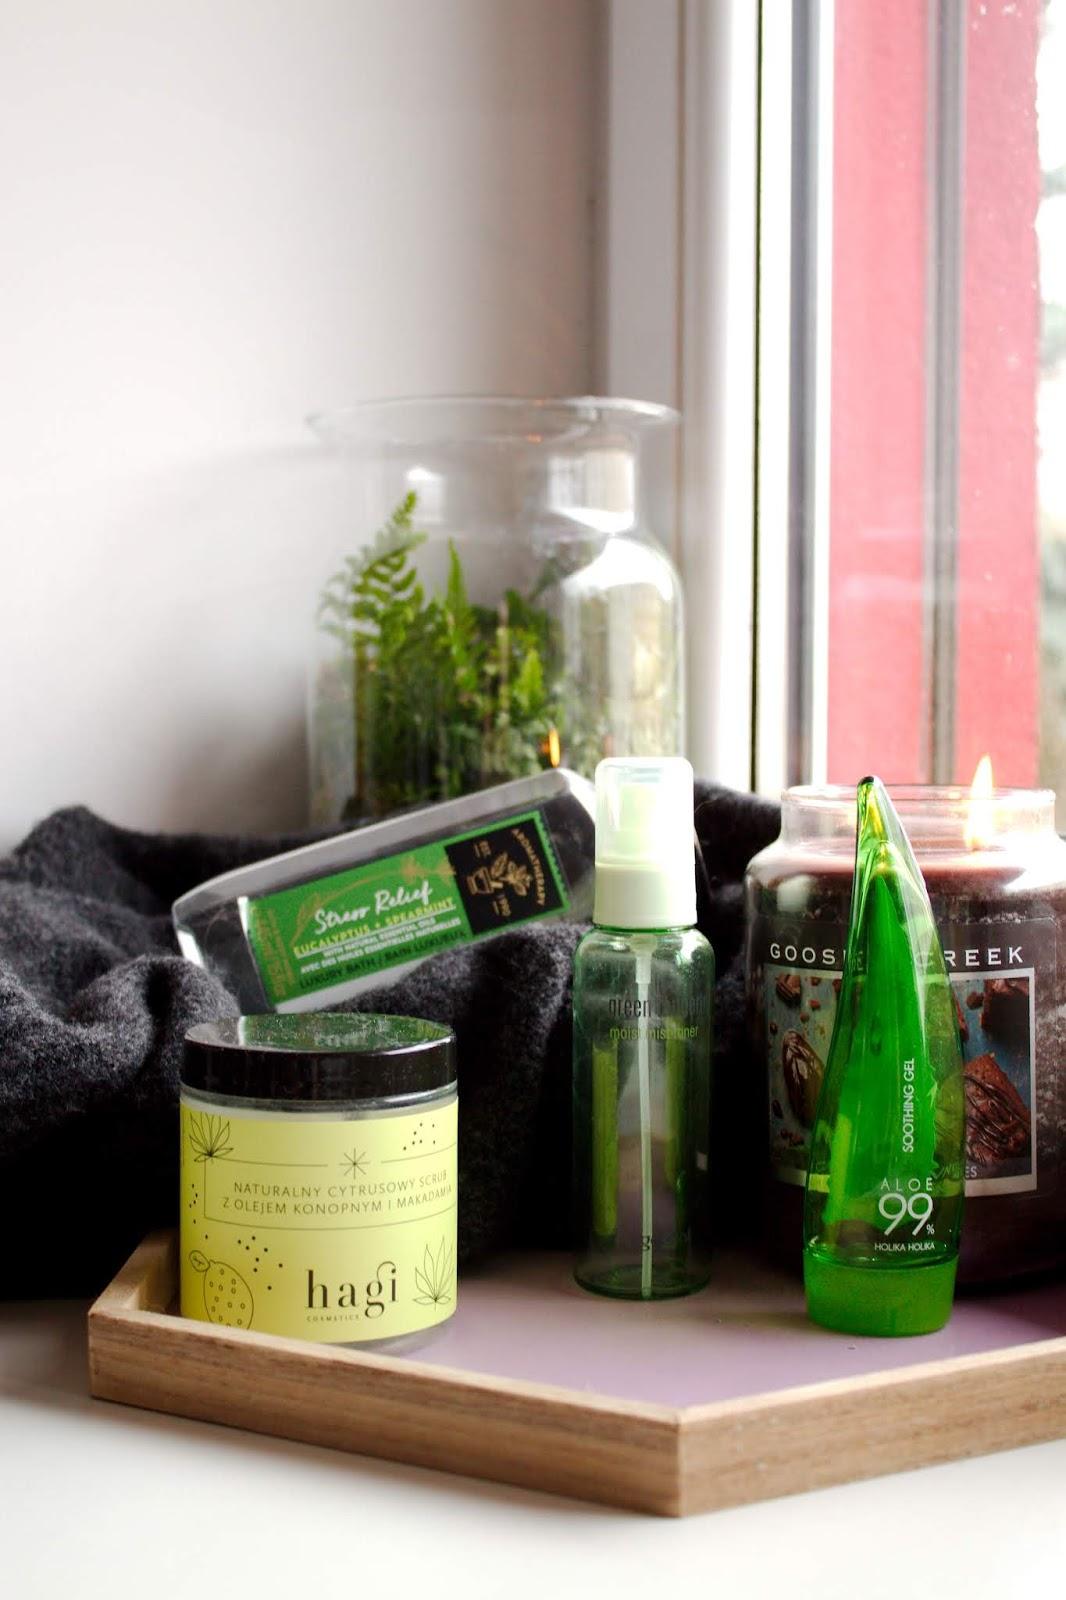 DENKO | Dwumiesięczne zużycia - EcoLab, Hagi, Balea, Isana